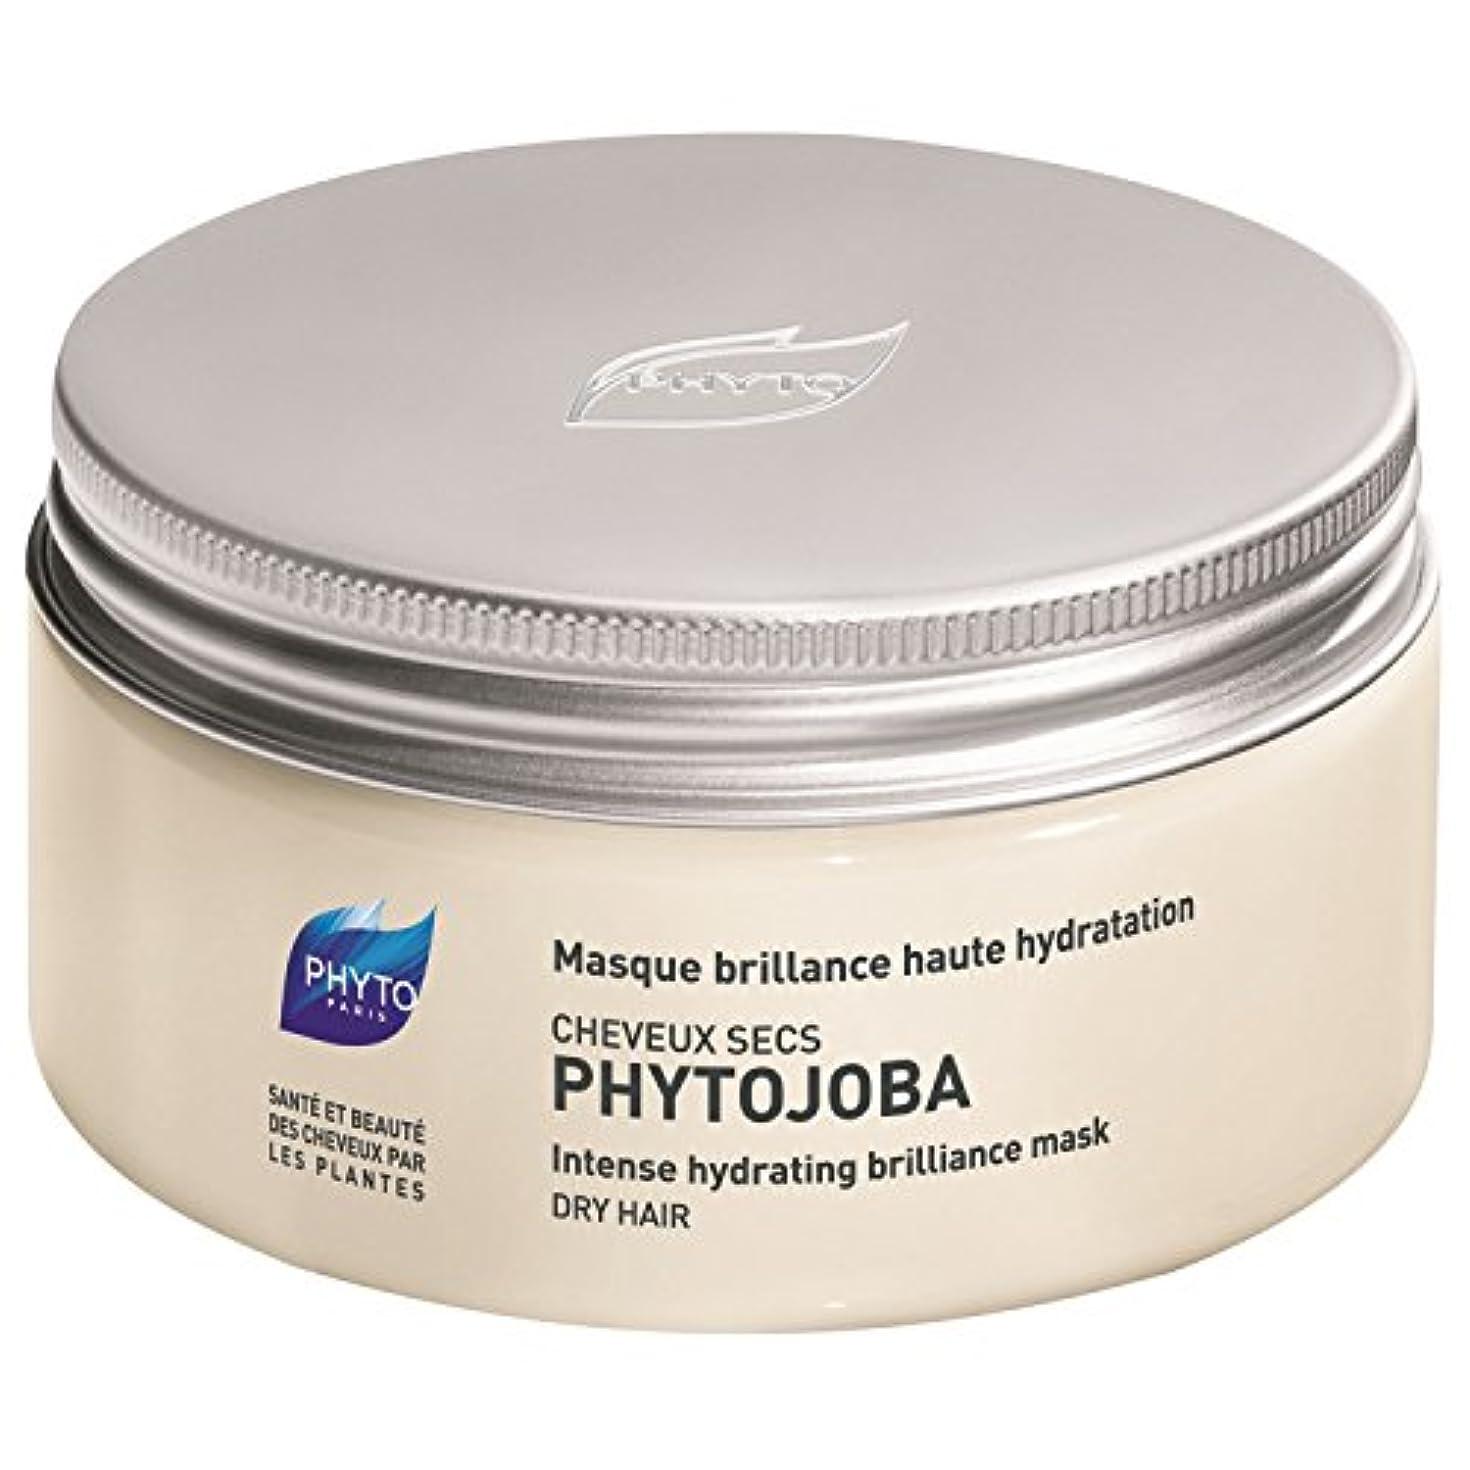 小さな熟す大佐フィトPhytojoba強烈な水分補給マスク200ミリリットル (Phyto) (x2) - Phyto Phytojoba Intense Hydrating Mask 200ml (Pack of 2) [並行輸入品]